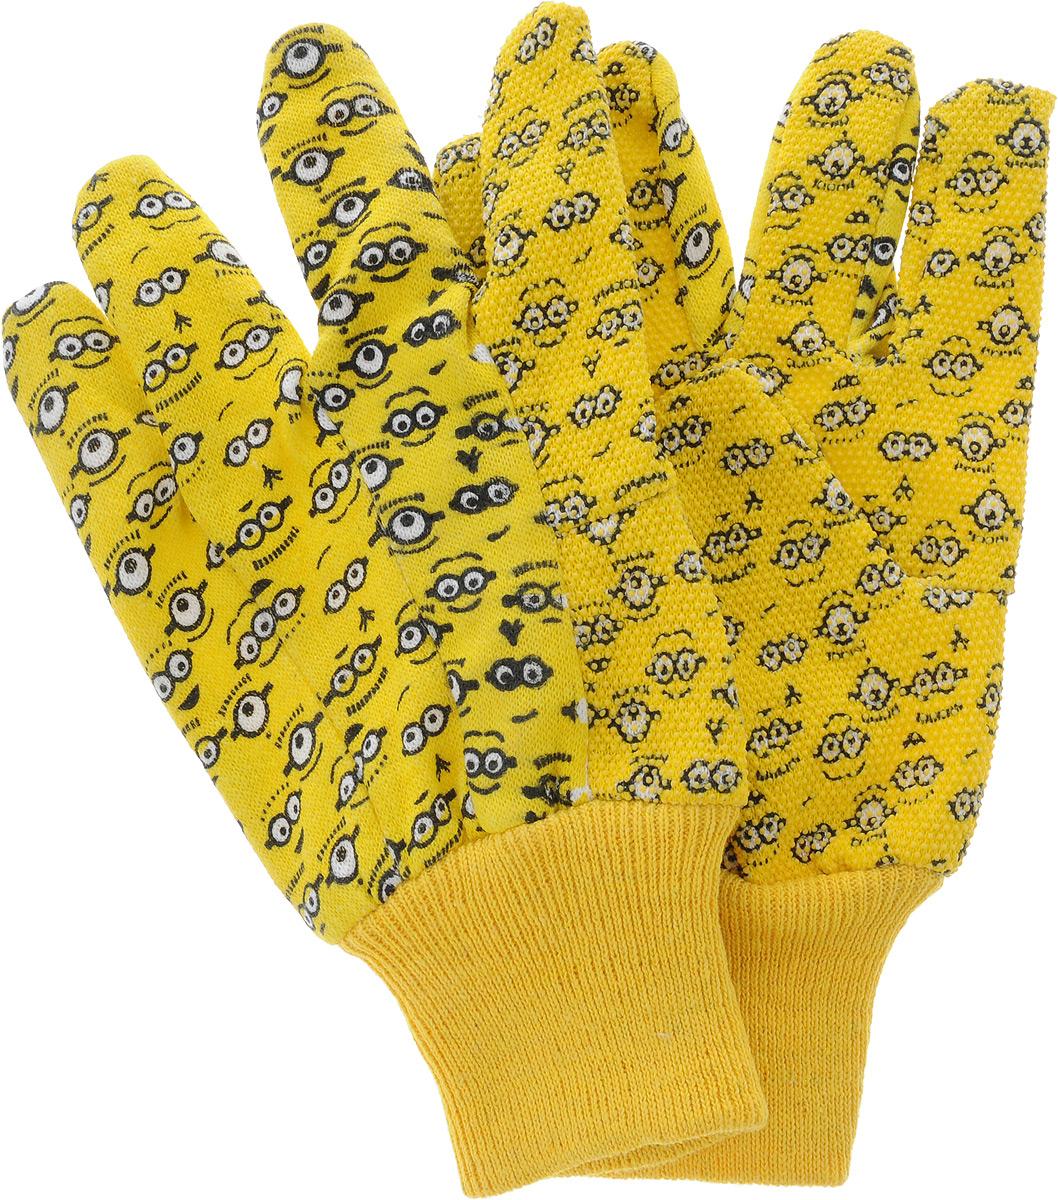 Перчатки садовые Garden Show Миньоны, трикотажные, с манжетой и точками, цвет: желтый. Размер S (8)SVC-300Перчатки садовые Garden Show Миньоны, трикотажные, с манжетой и точками, цвет: желтый. Размер S (8)